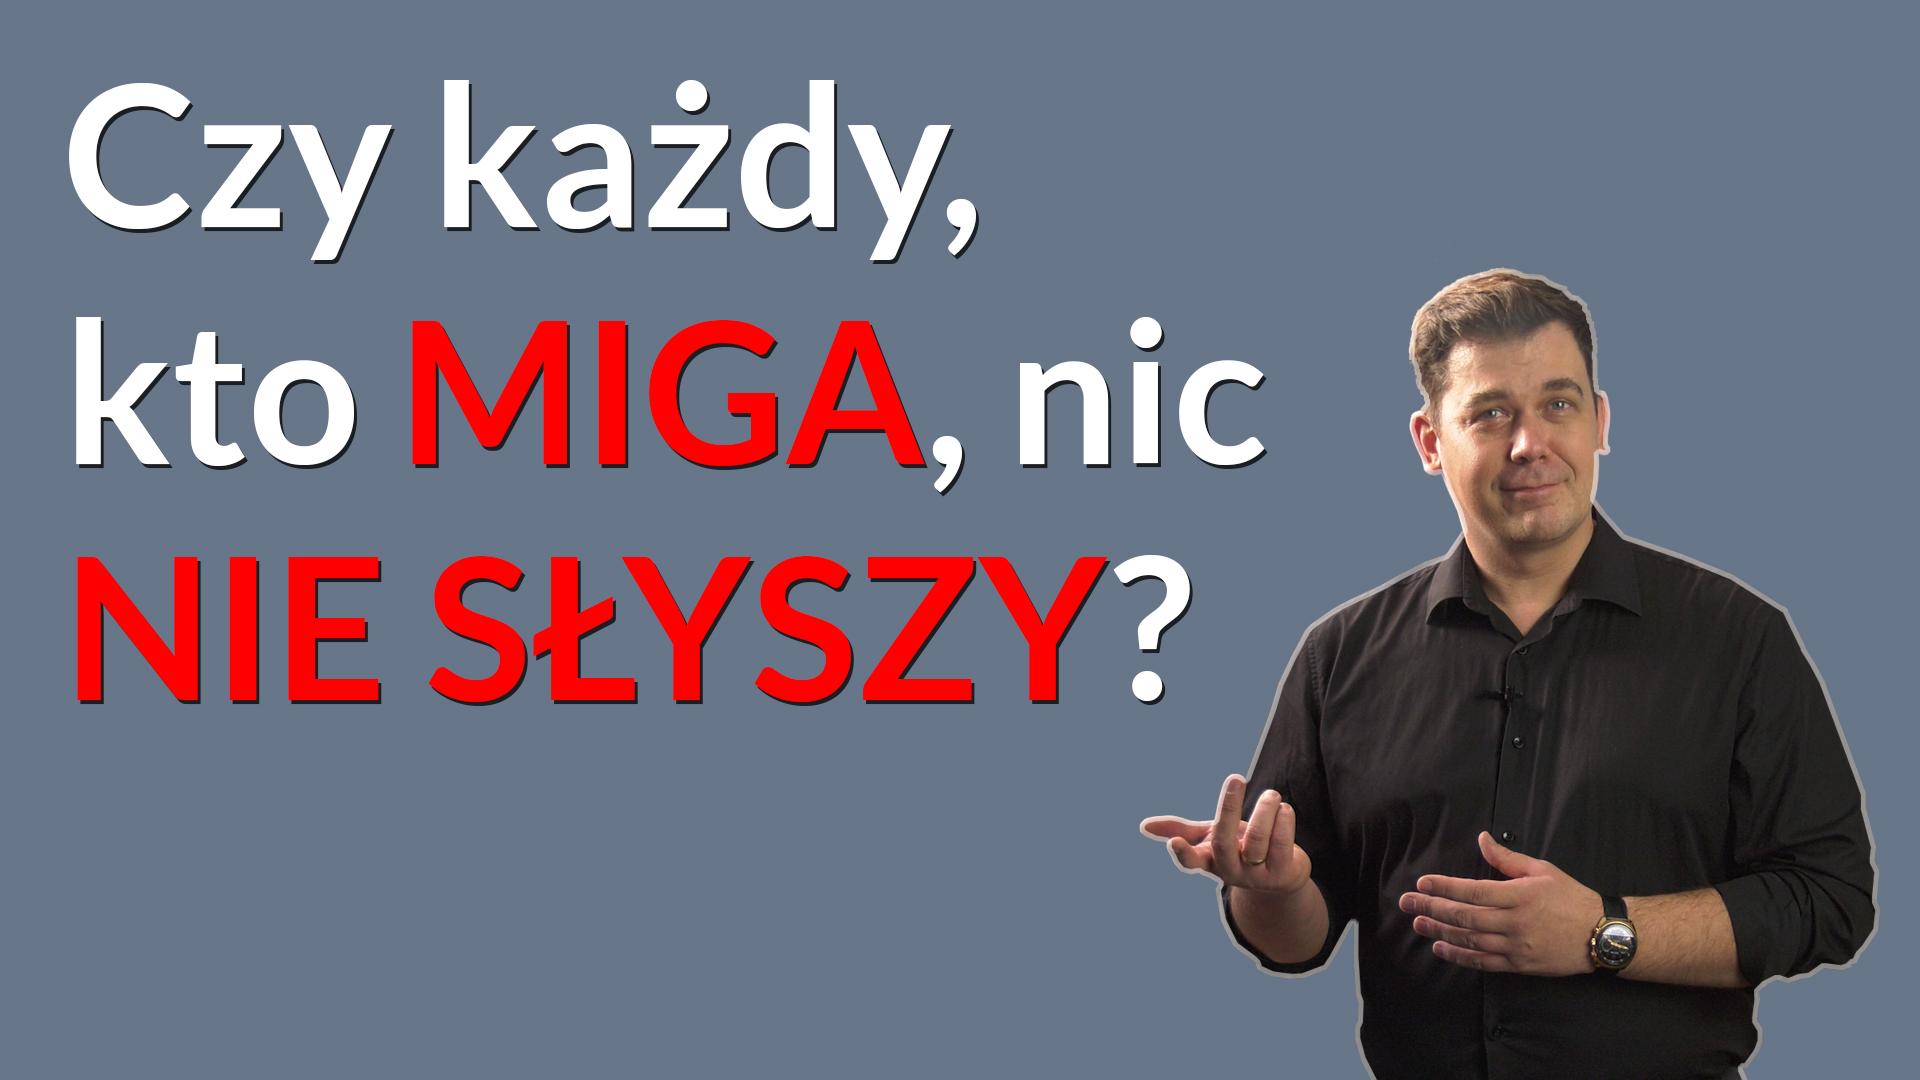 """Grafika: po lewej stronie napis: """"czy każdy, kto miga, nic nie słyszy?"""", po prawej stop-klatka z filmu z tłumaczem języka migowego, Tomaszem Smakowskim."""